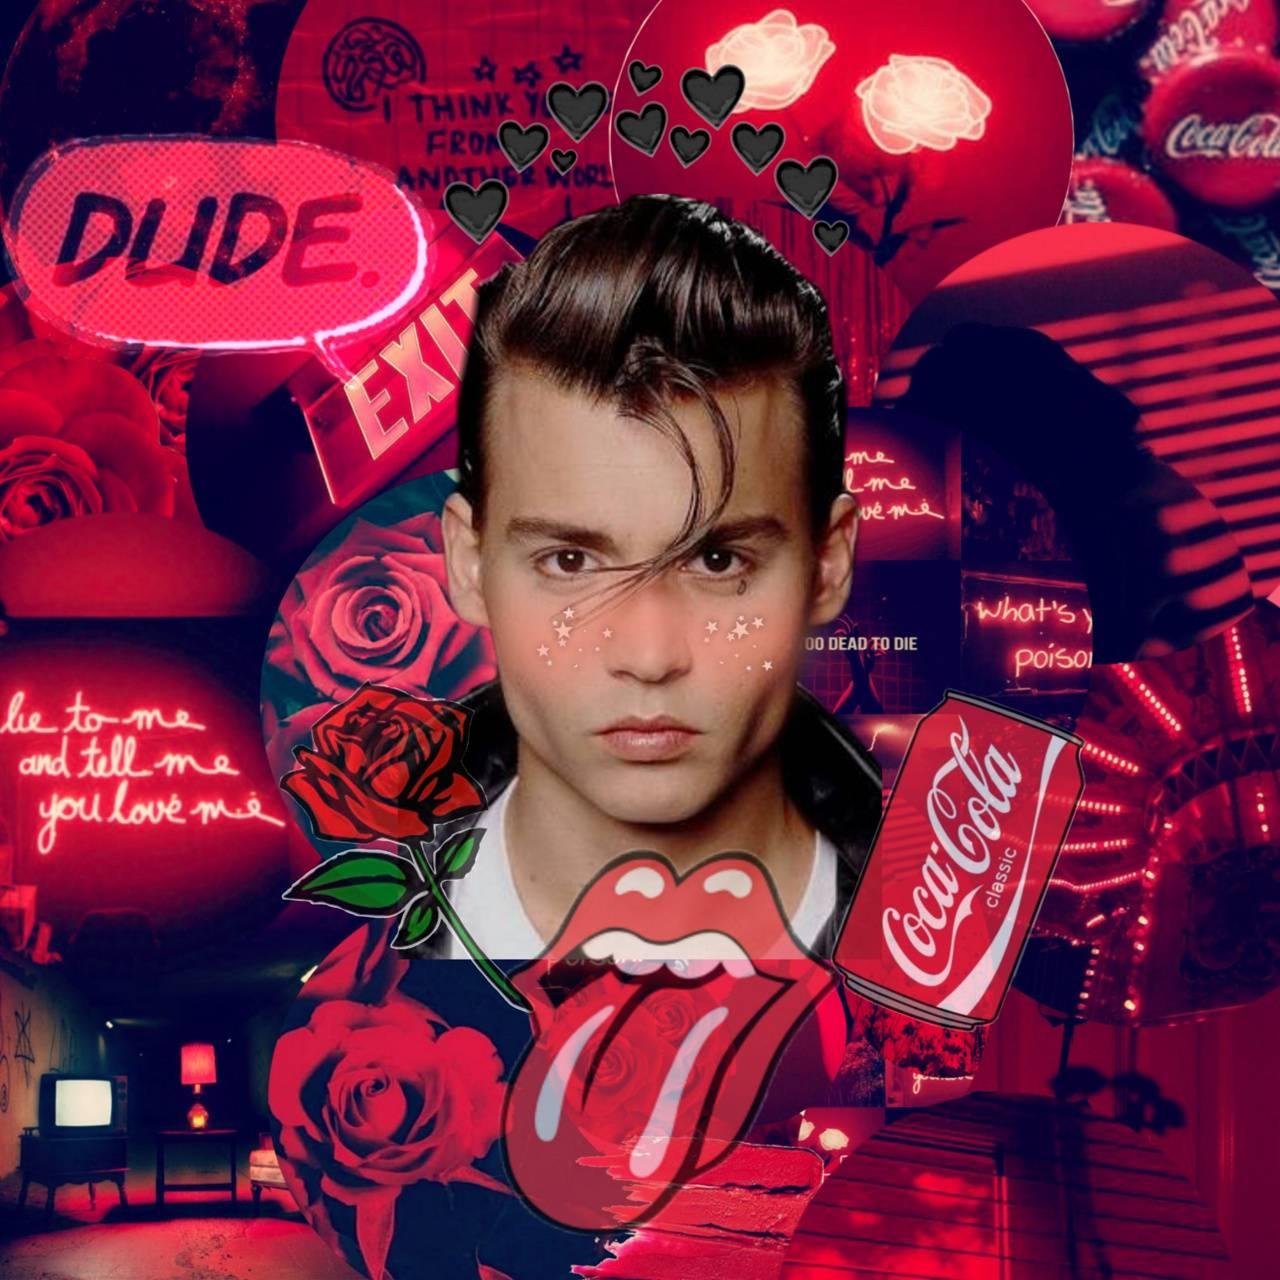 Johnny Depp red